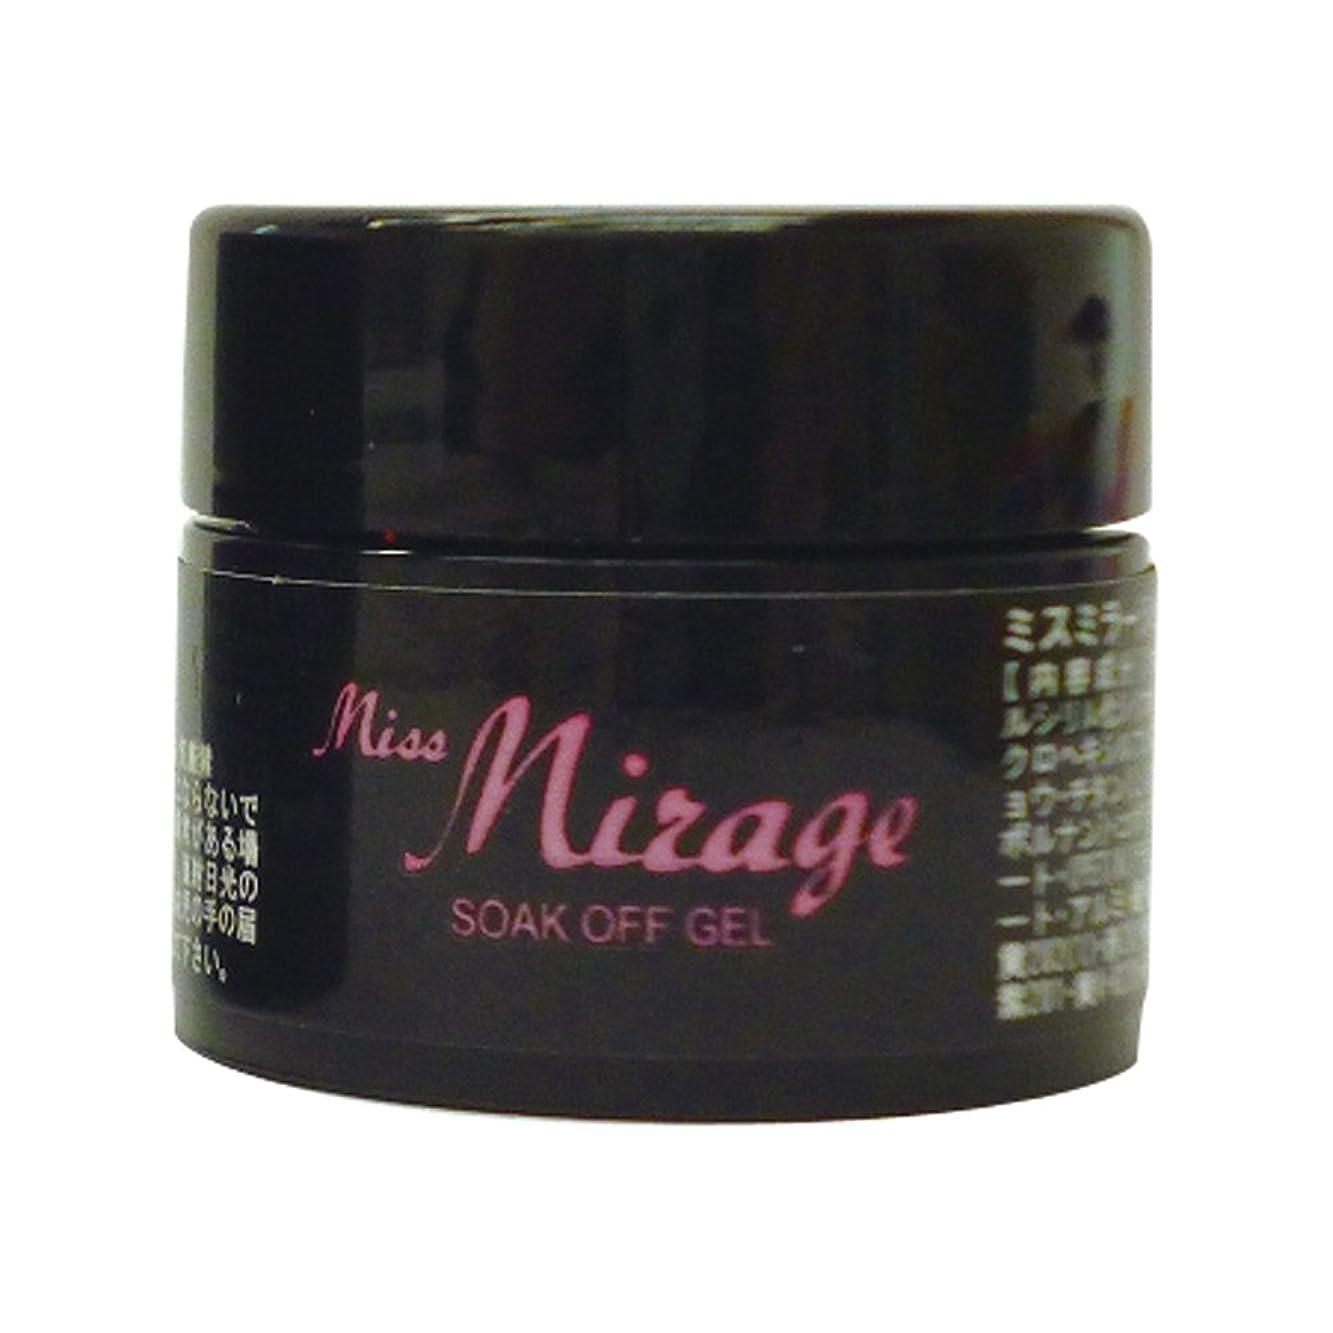 光景神経びっくりプロ用カラージェル MISS MIRAGE ミスミラージュ ソークオフジェル NM82S UV/LED対応